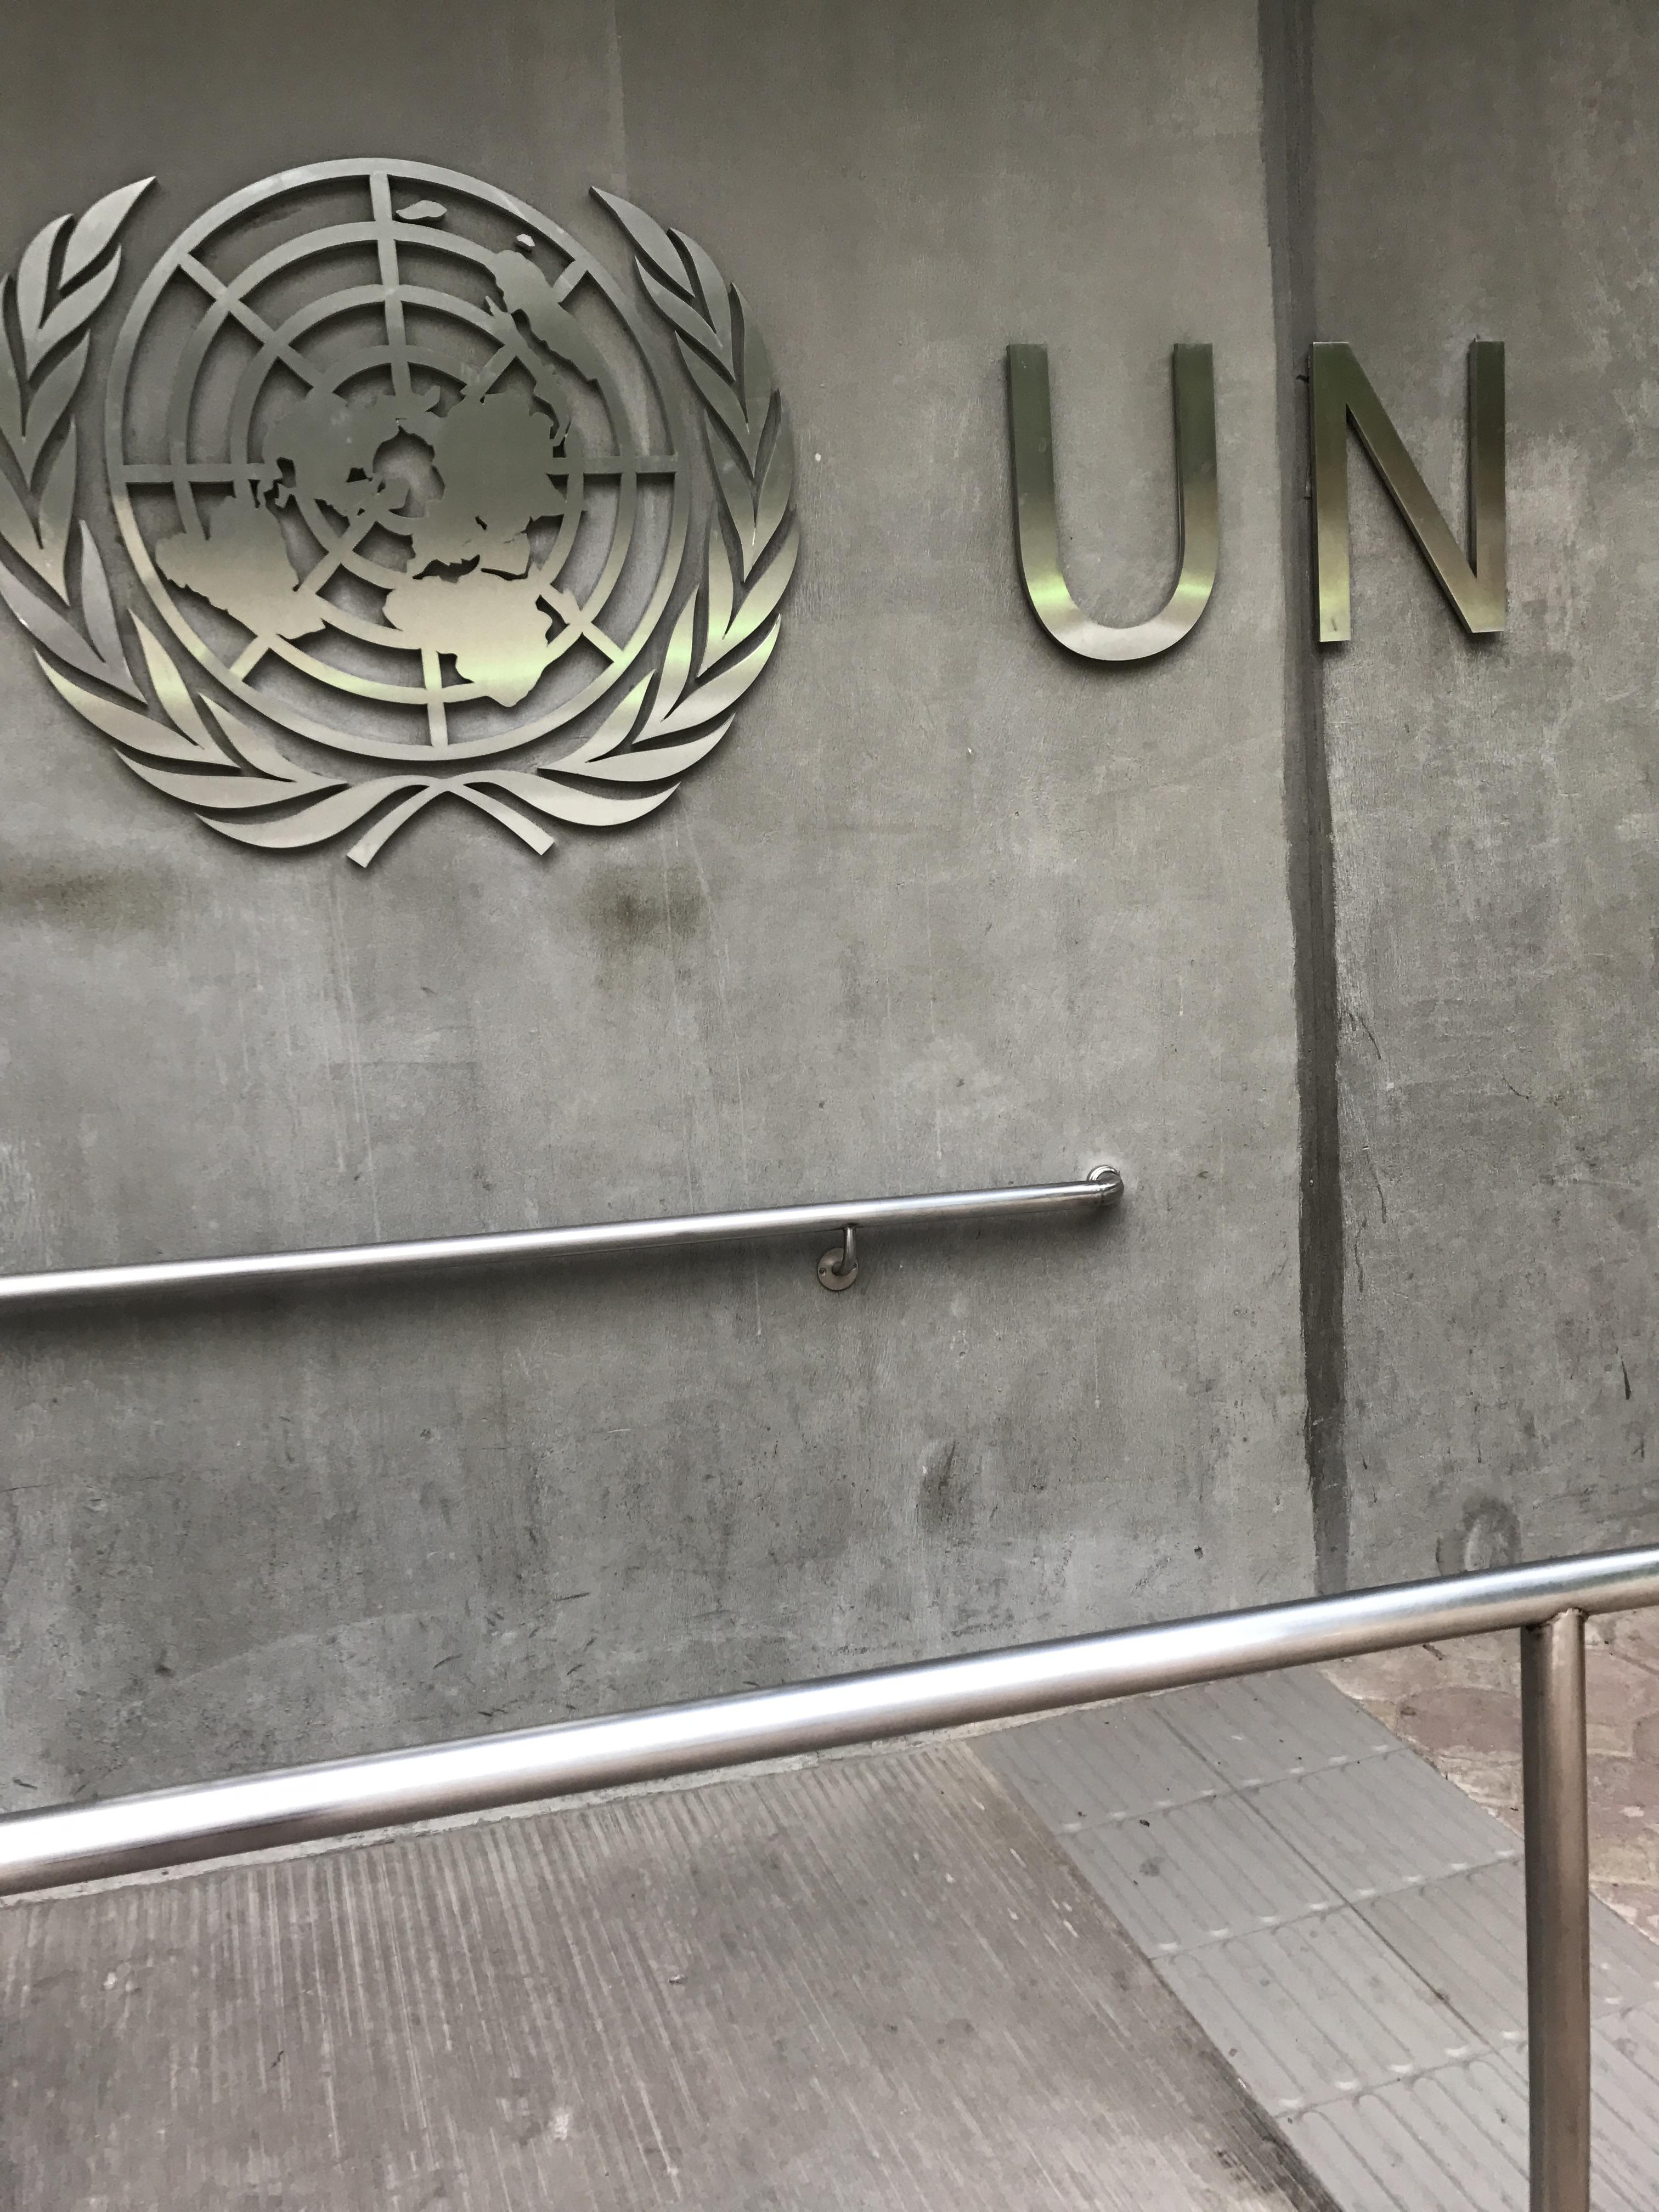 Viet nam UN